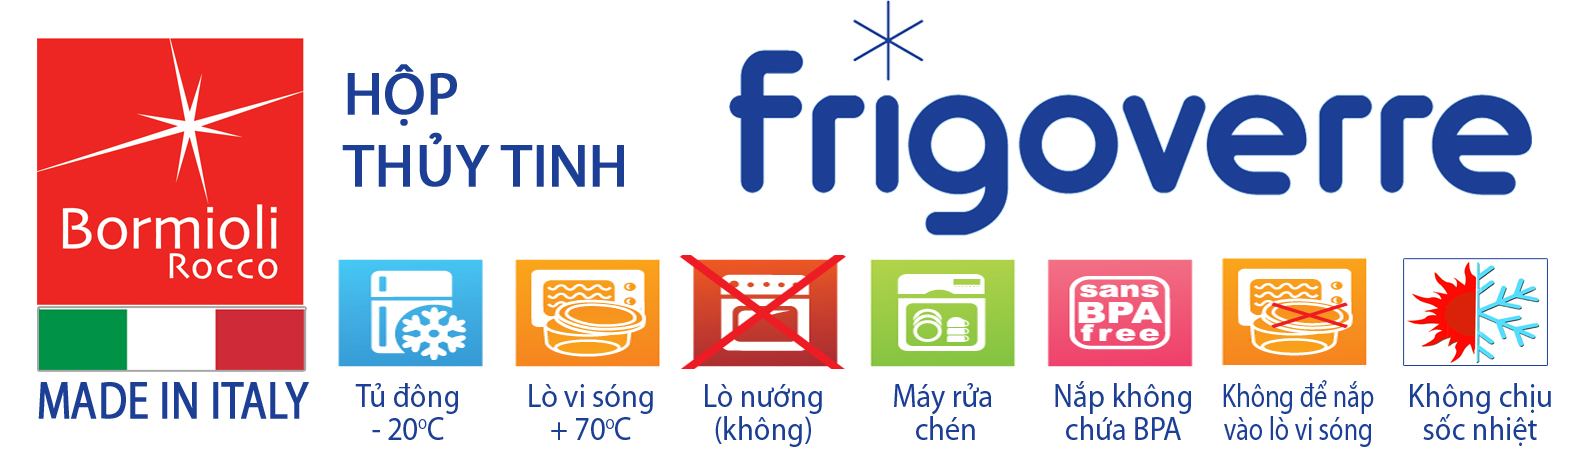 Card thông tin Frigo coop